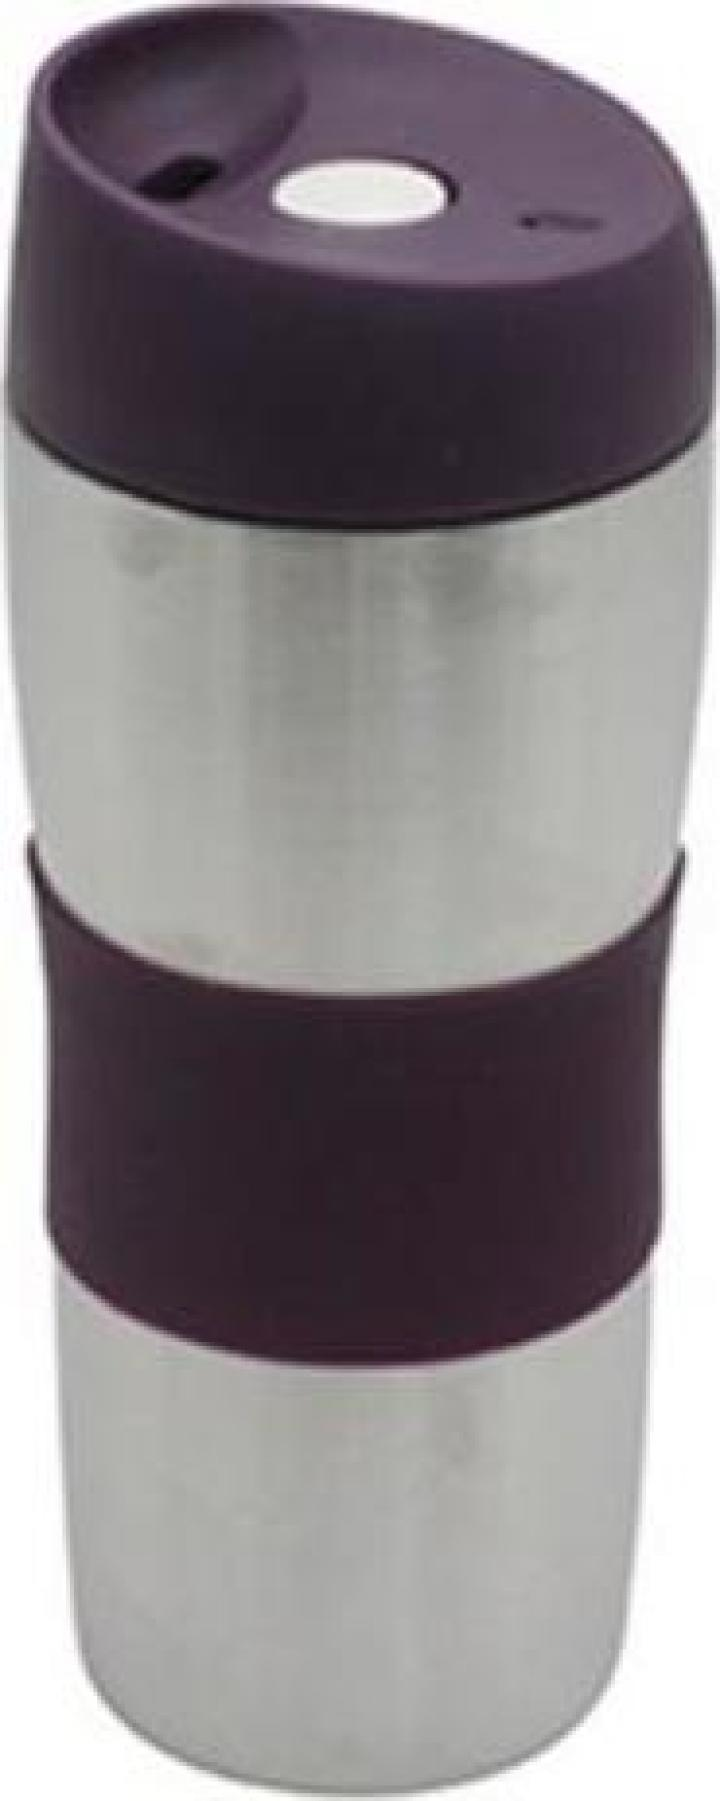 Termos din inox si silicon 400ml Sapir SP2011F Z2011F